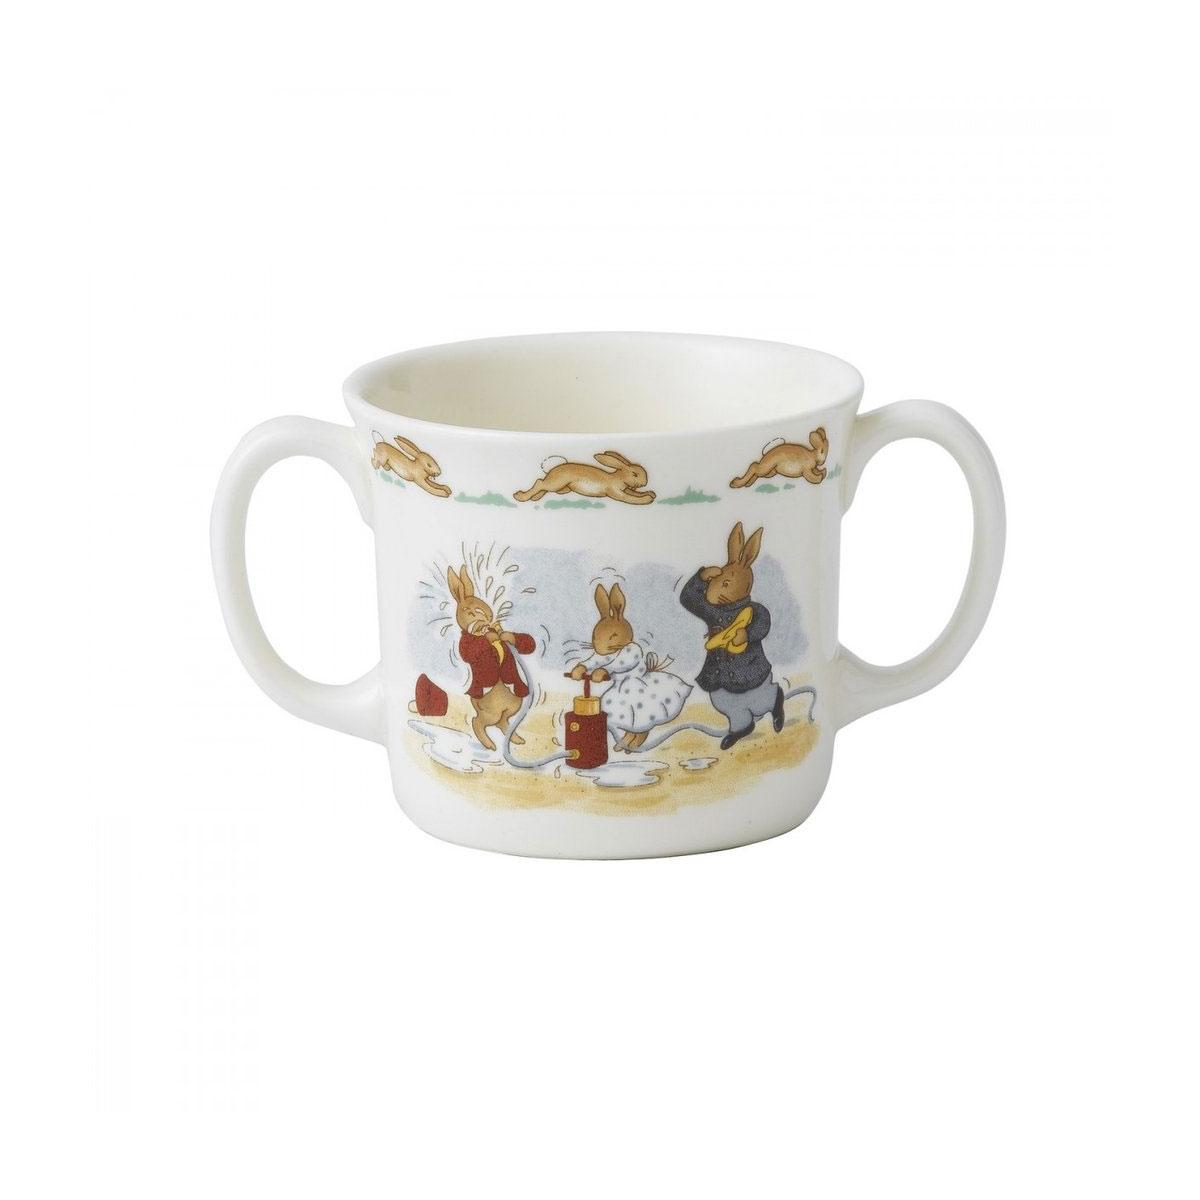 Royal Doulton Bunnykins Hug a Mug, Two Handled